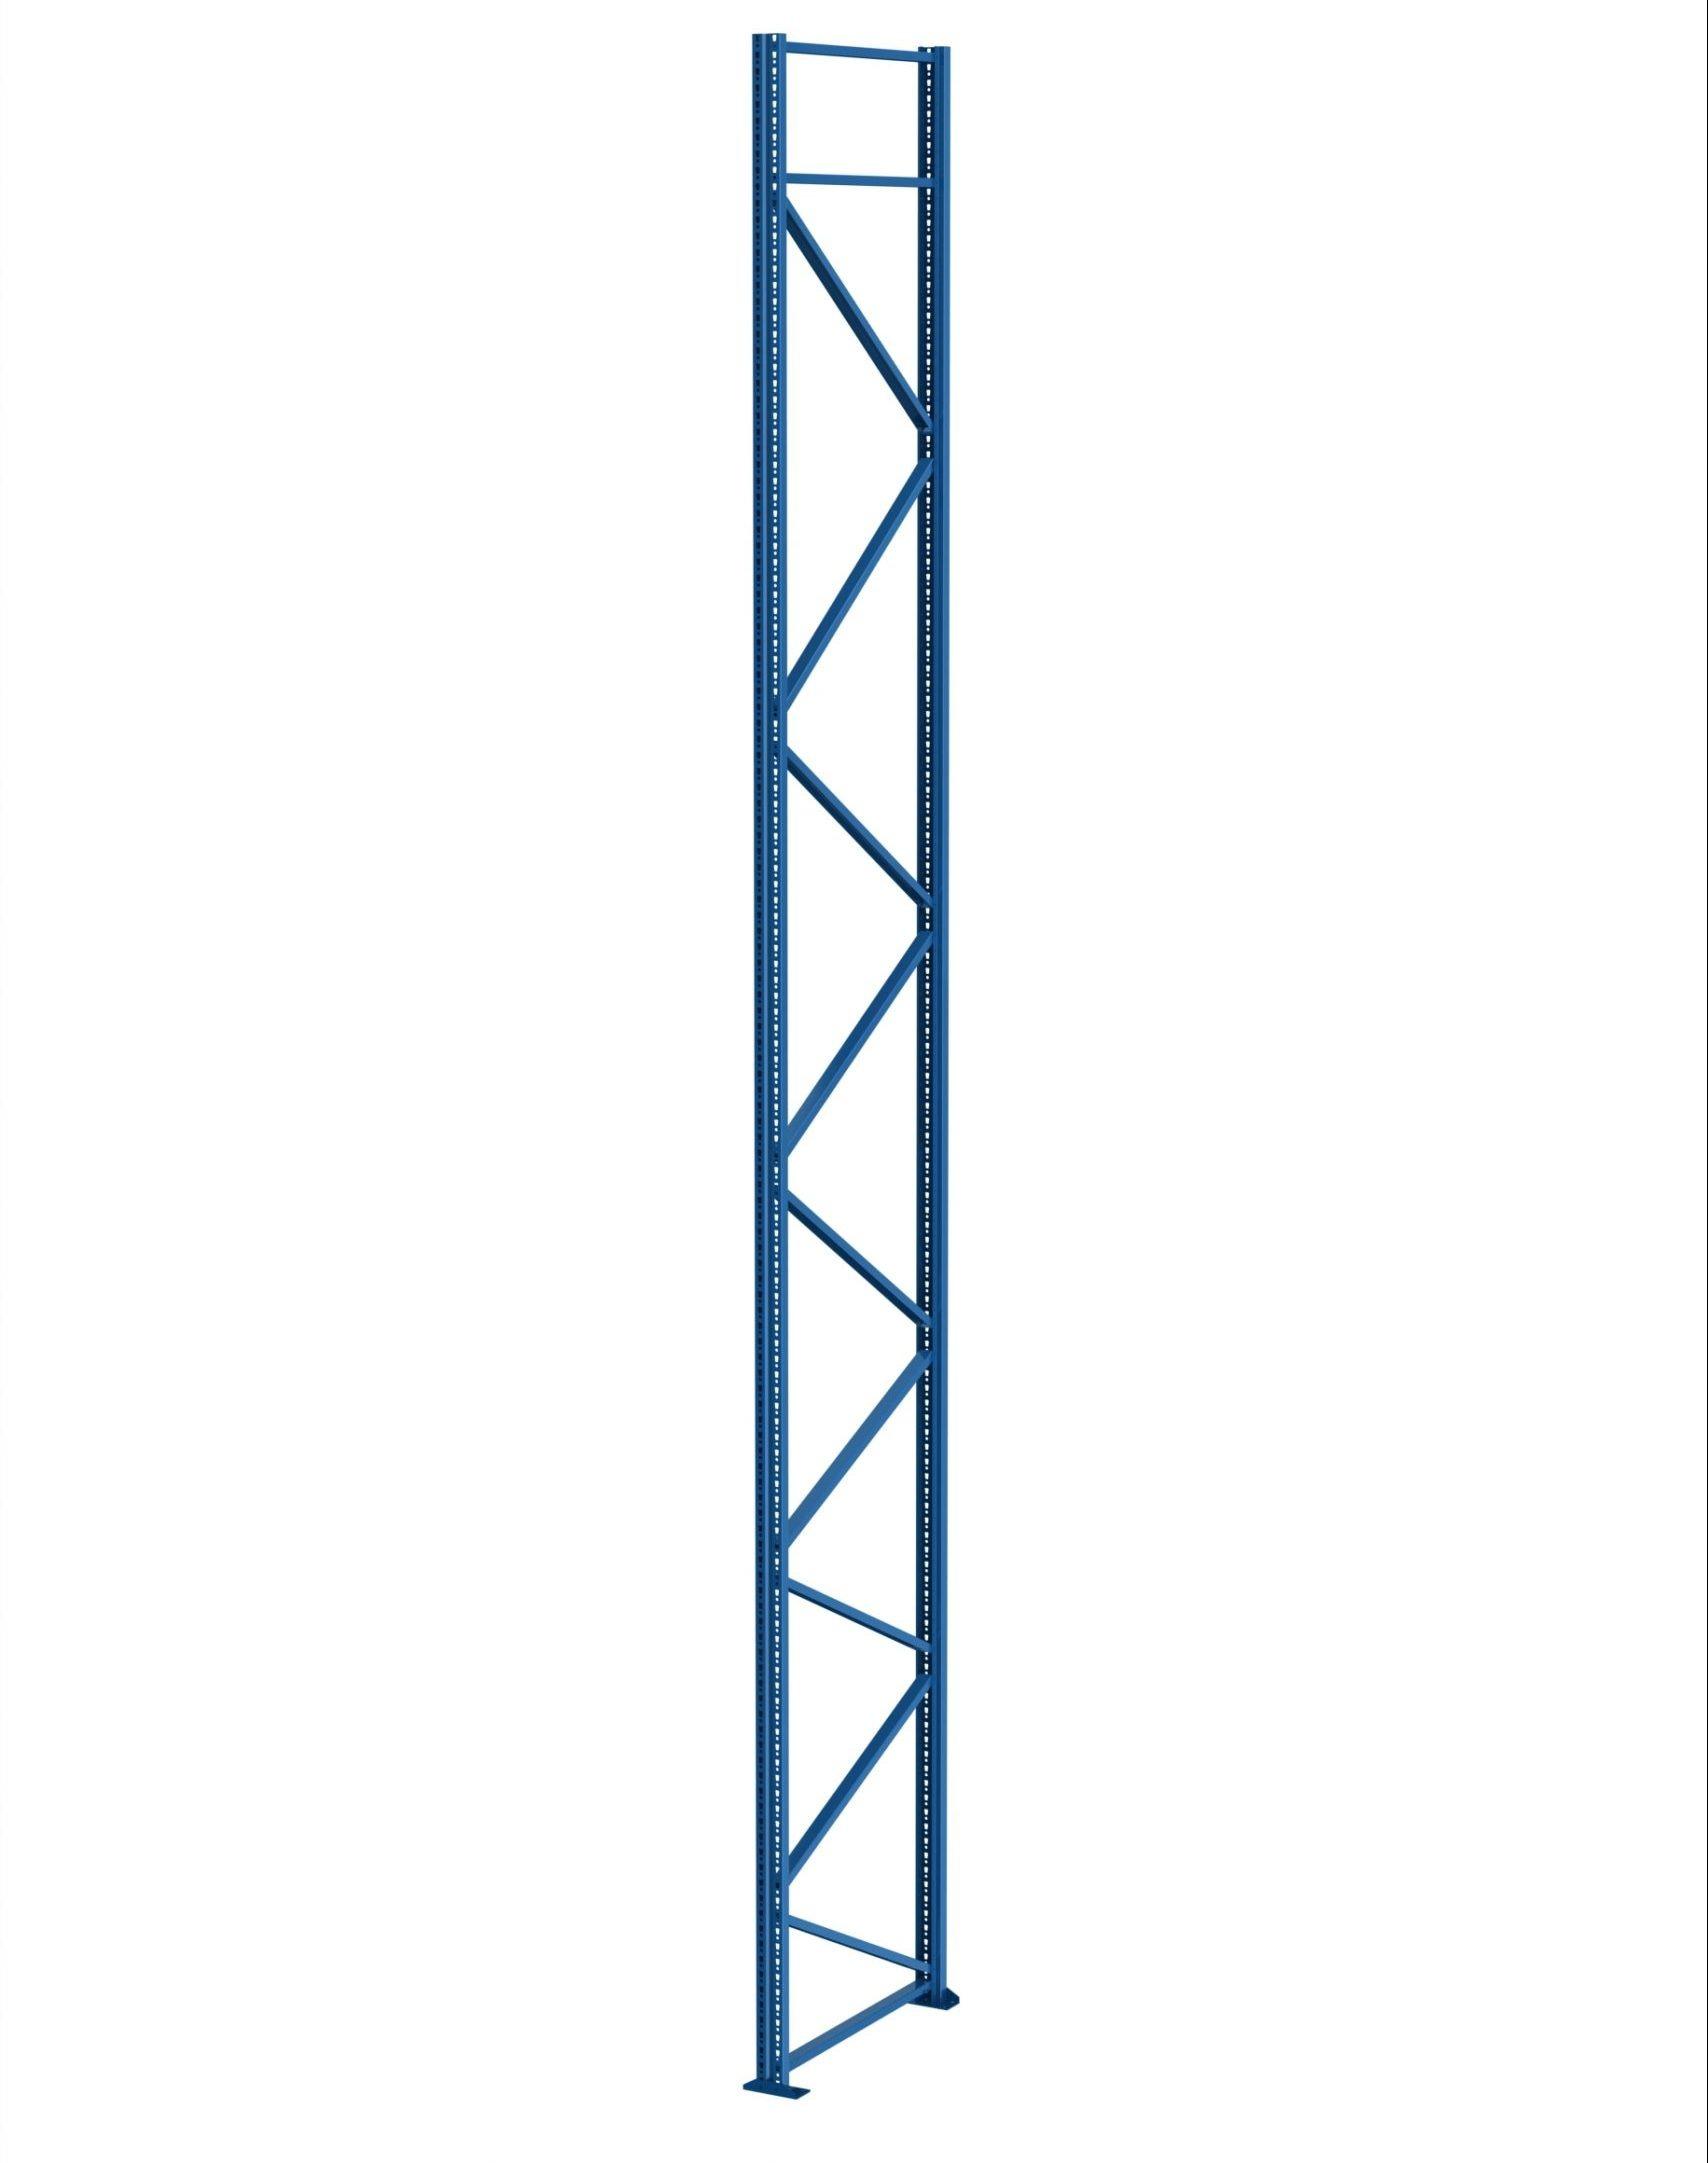 NEDCON Set Ständerrahmen Modell 10068204050 Höhe 6500 mm, Tiefe 1100 mm